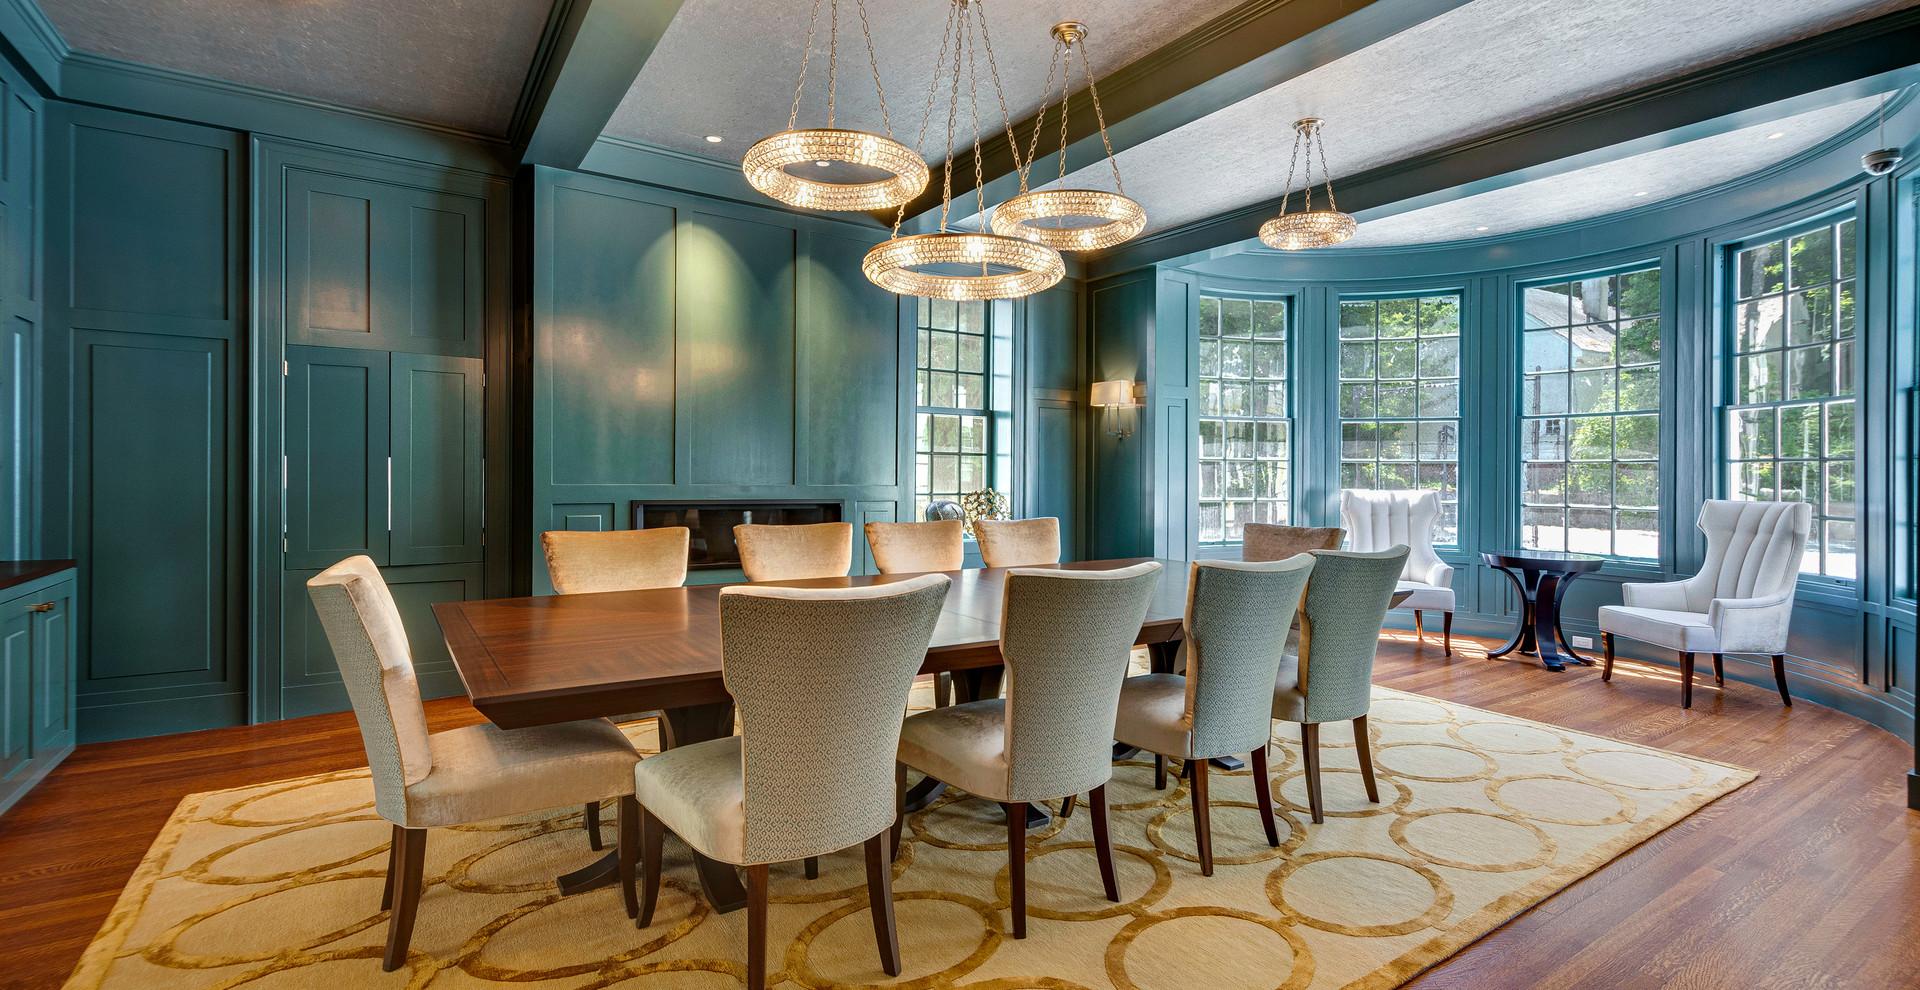 7-dining-room edit2.jpg